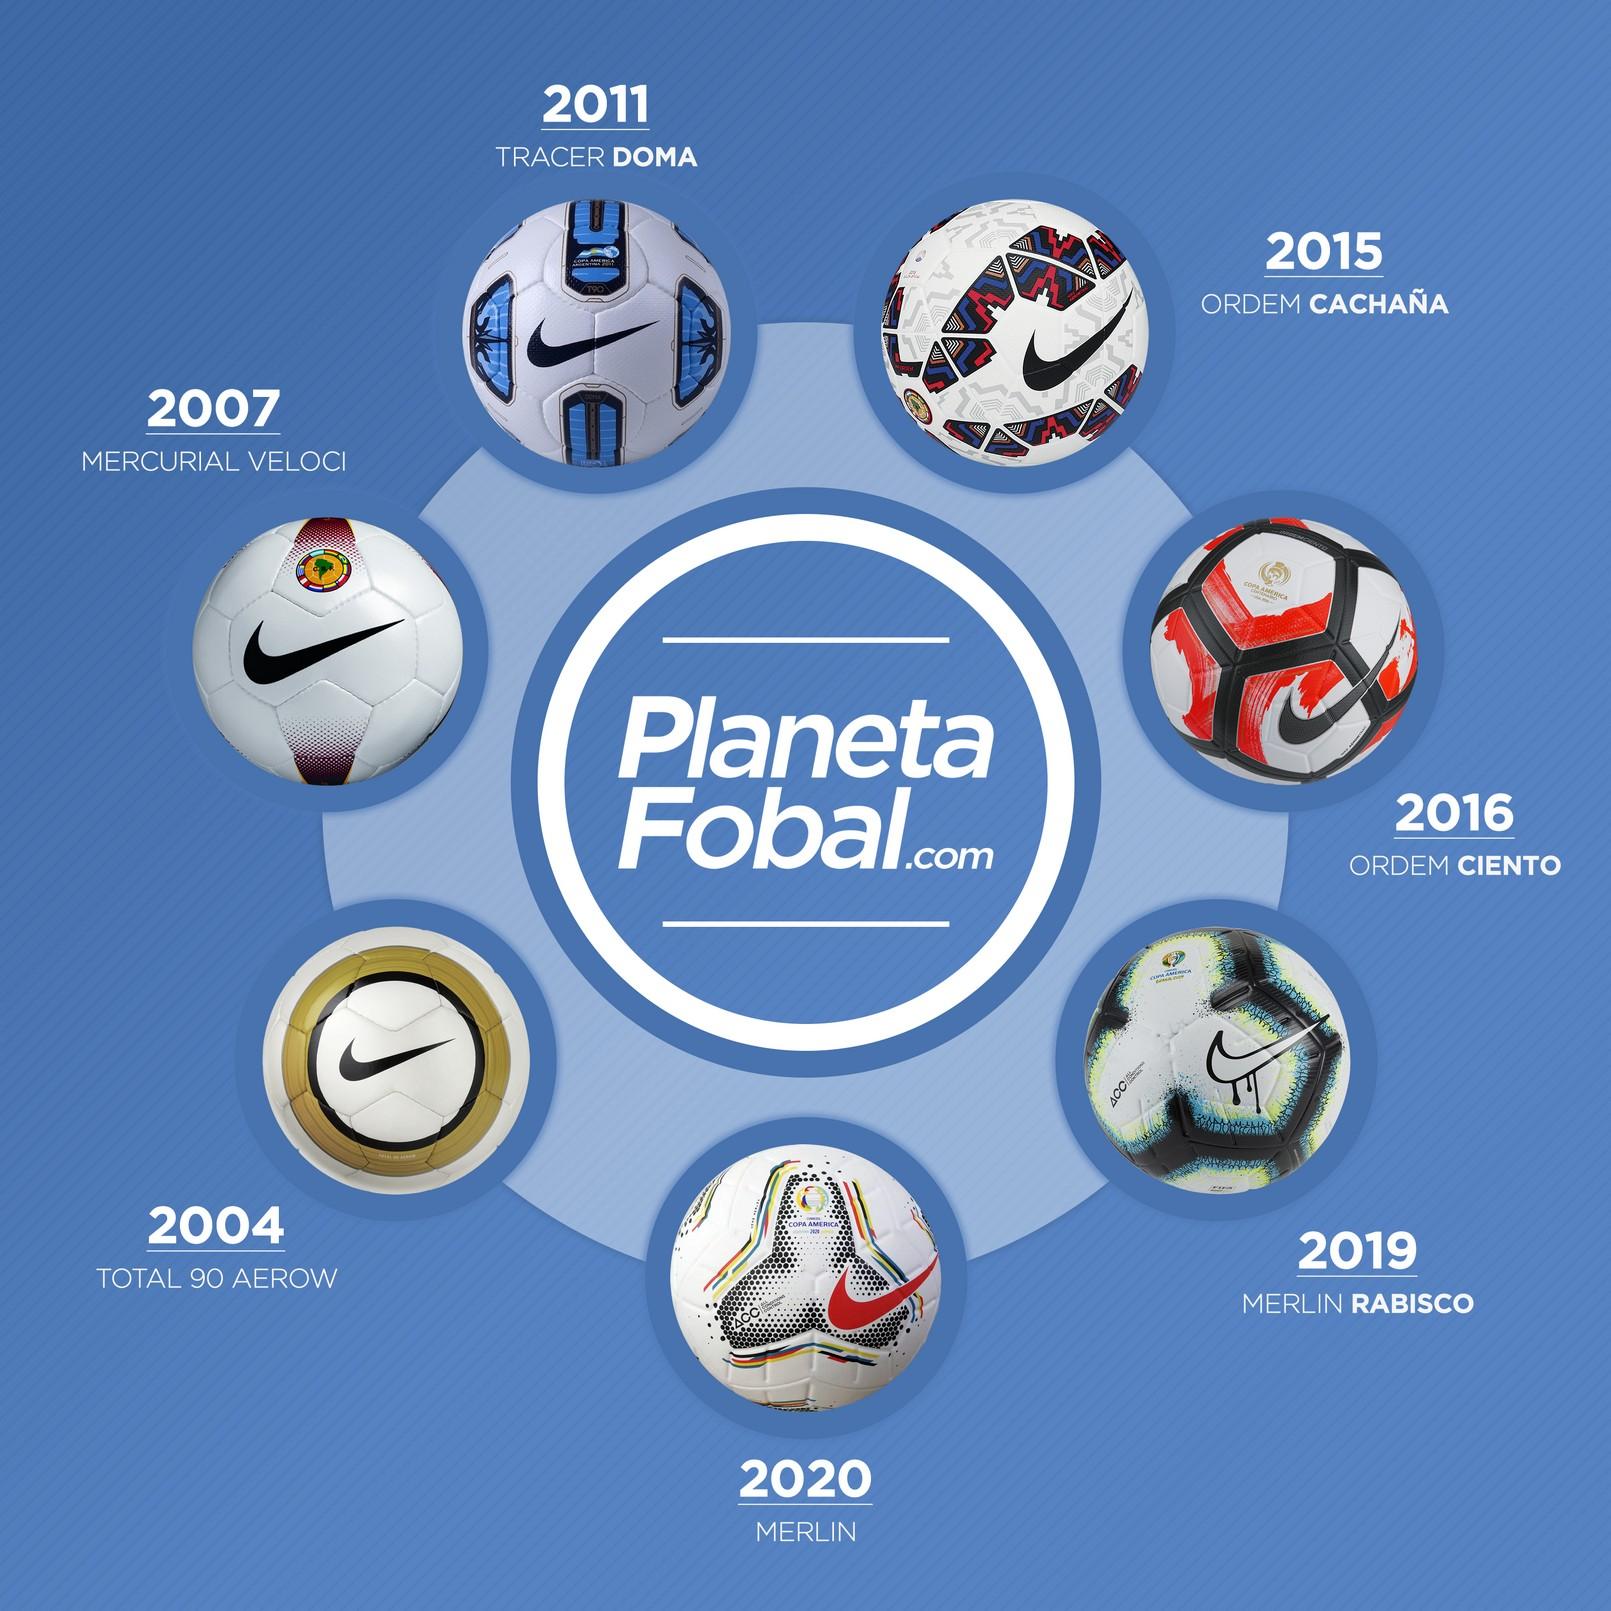 Balones oficiales Nike de la Copa América (2004-2020)